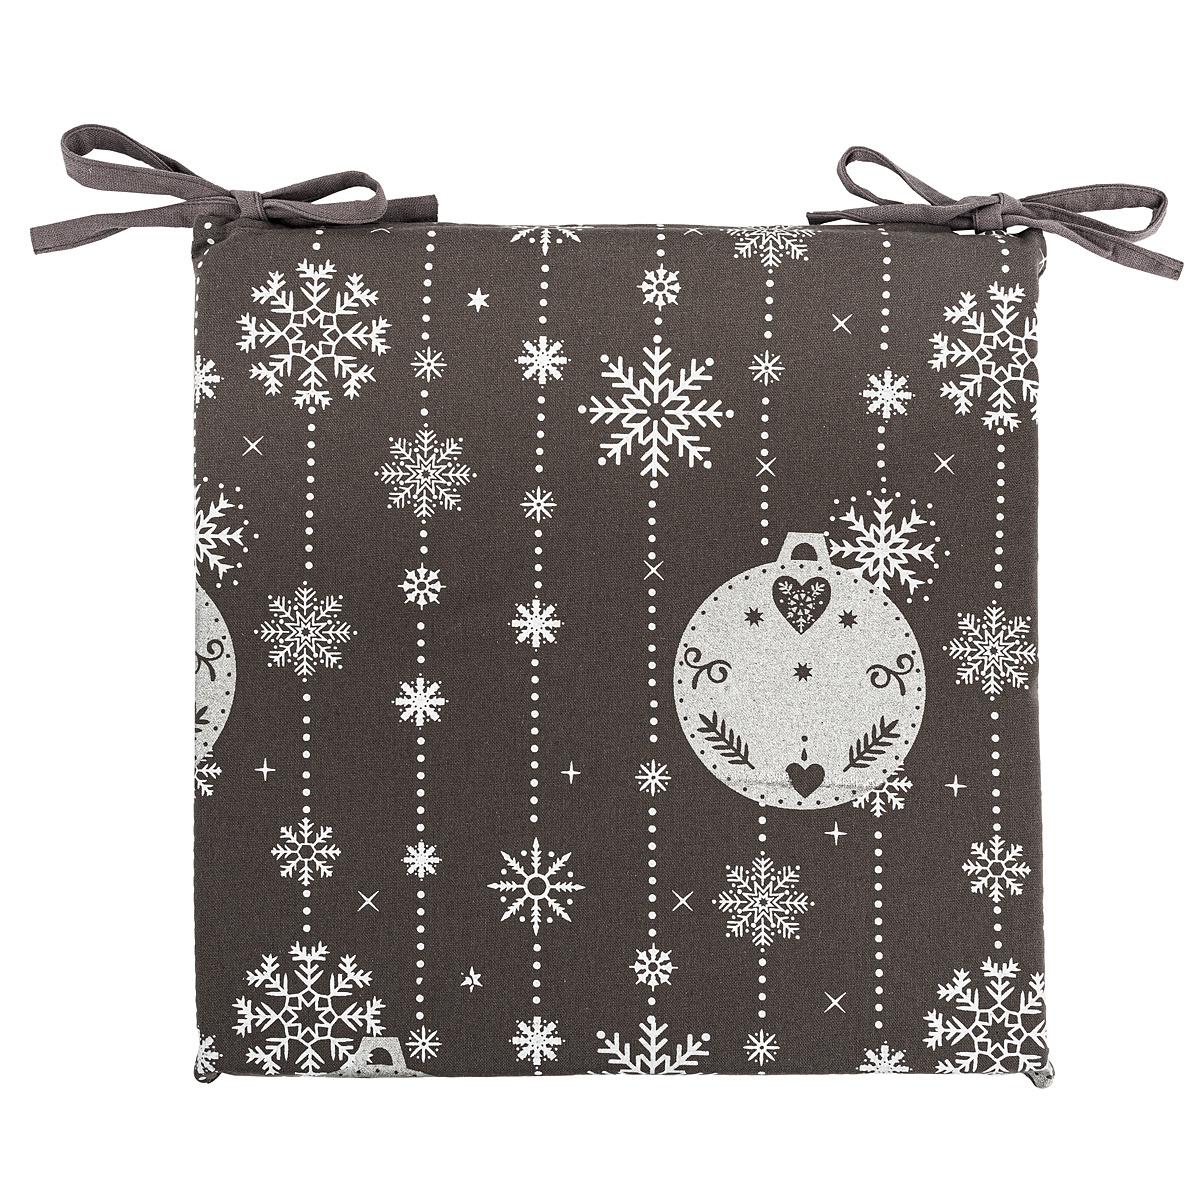 Forbyt Vánoční sedák na židli Vánoční ozdoby šedá, 40 x 40 cm